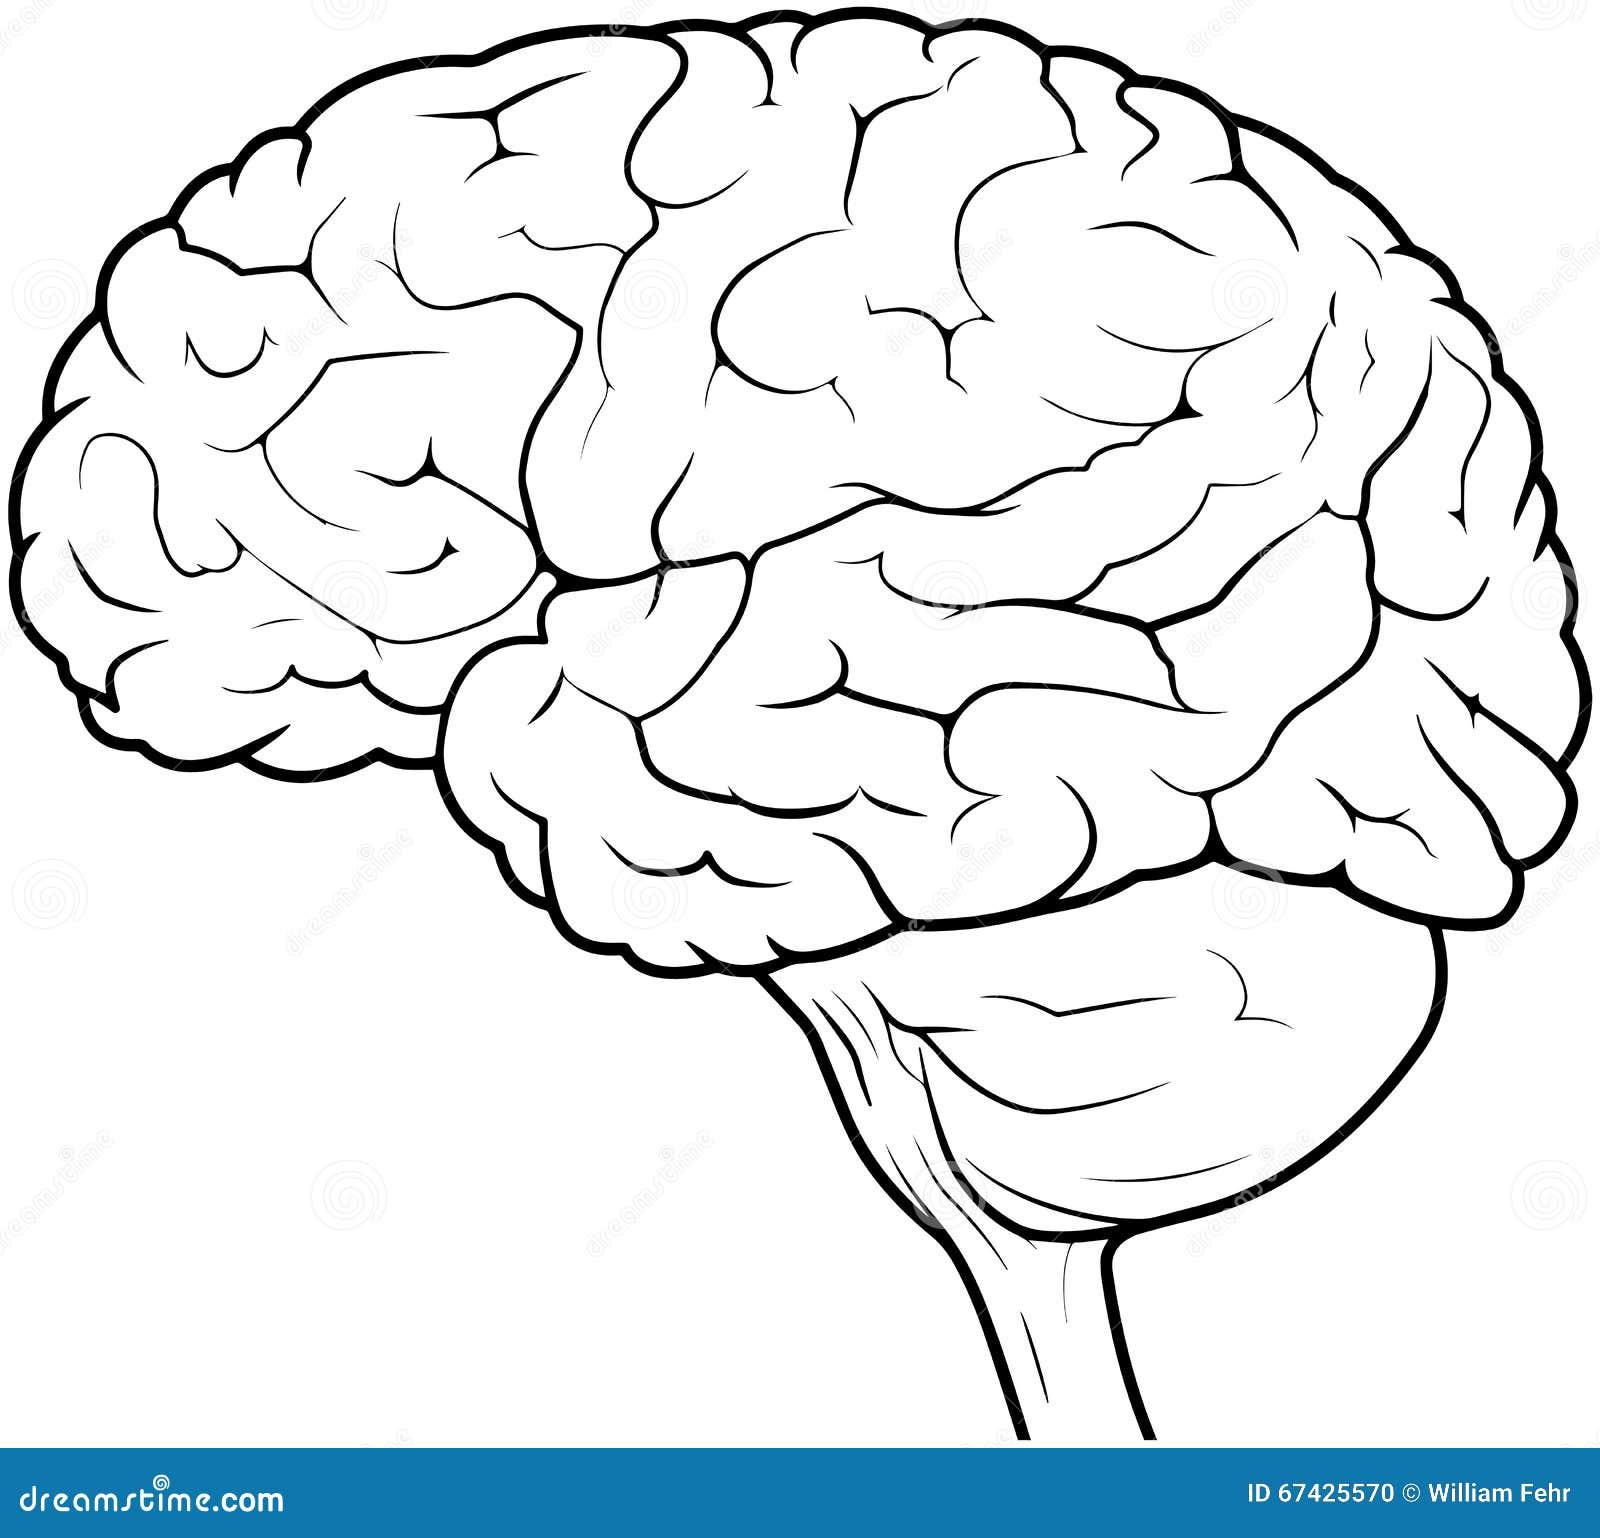 Mensch Brain Drawing stock abbildung. Illustration von ...